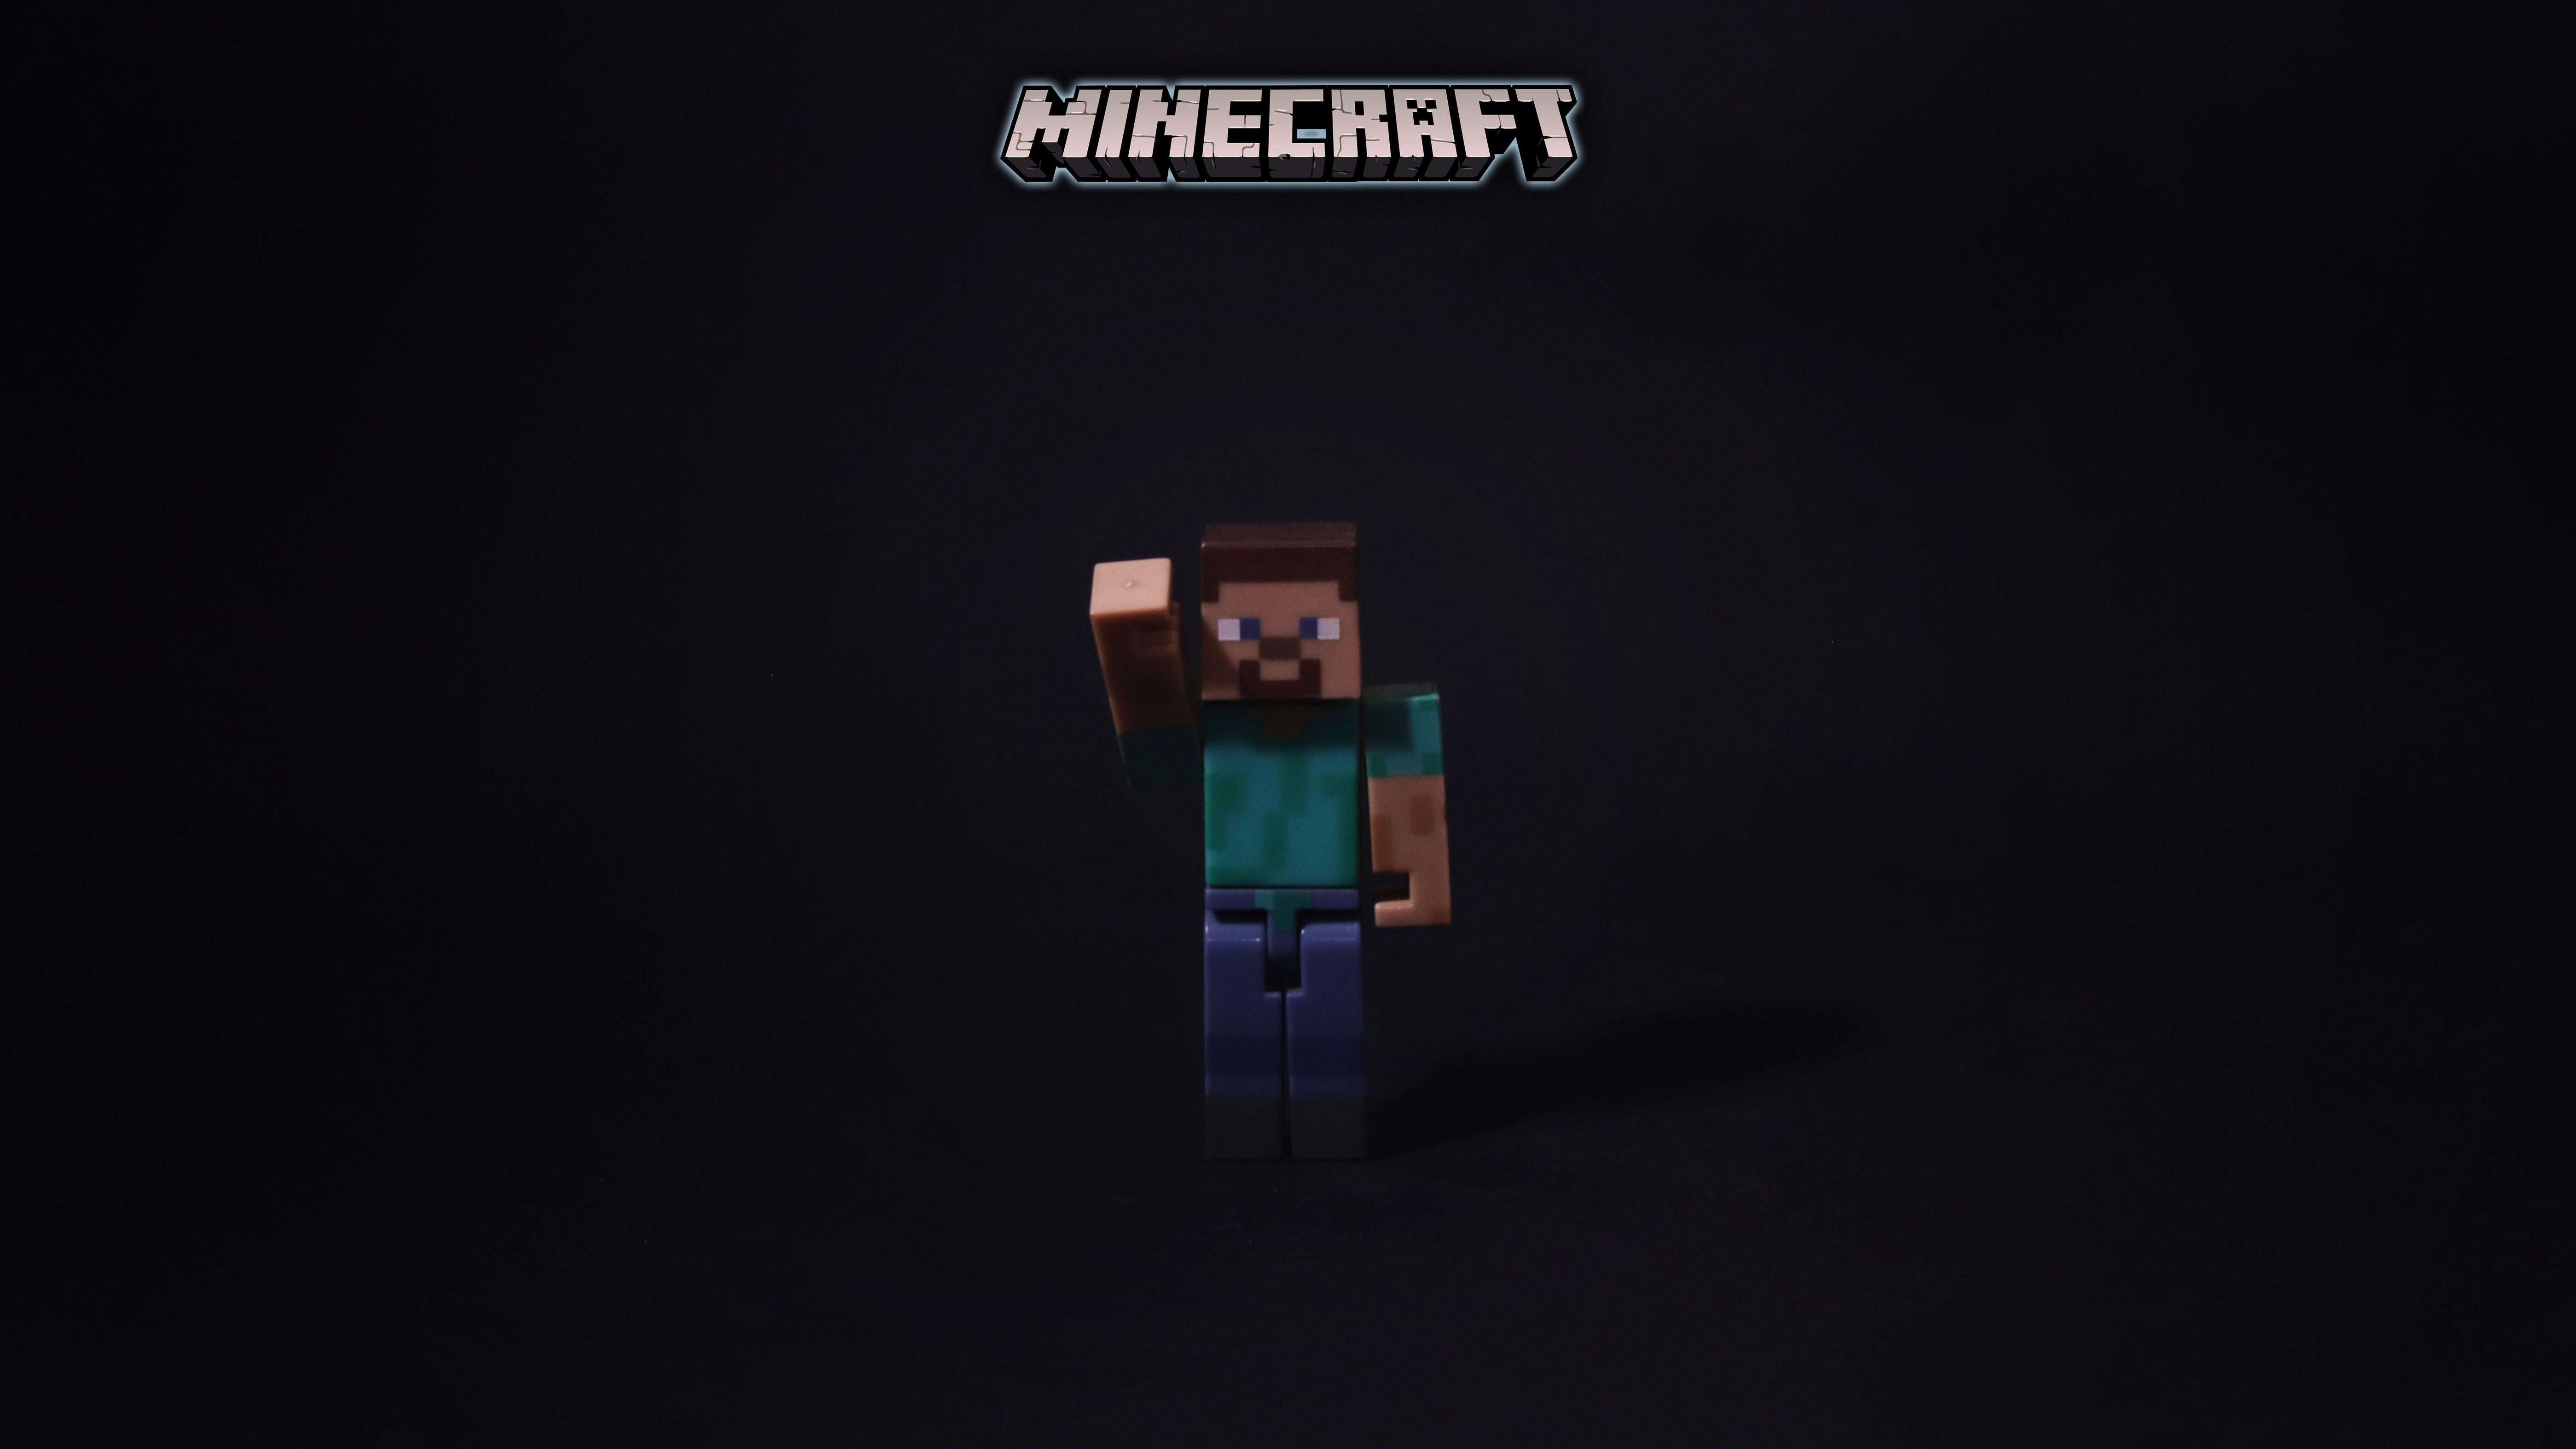 minecraft 1598657621 - Minecraft - Minecraft wallpapers, Minecraft 4k wallpapers